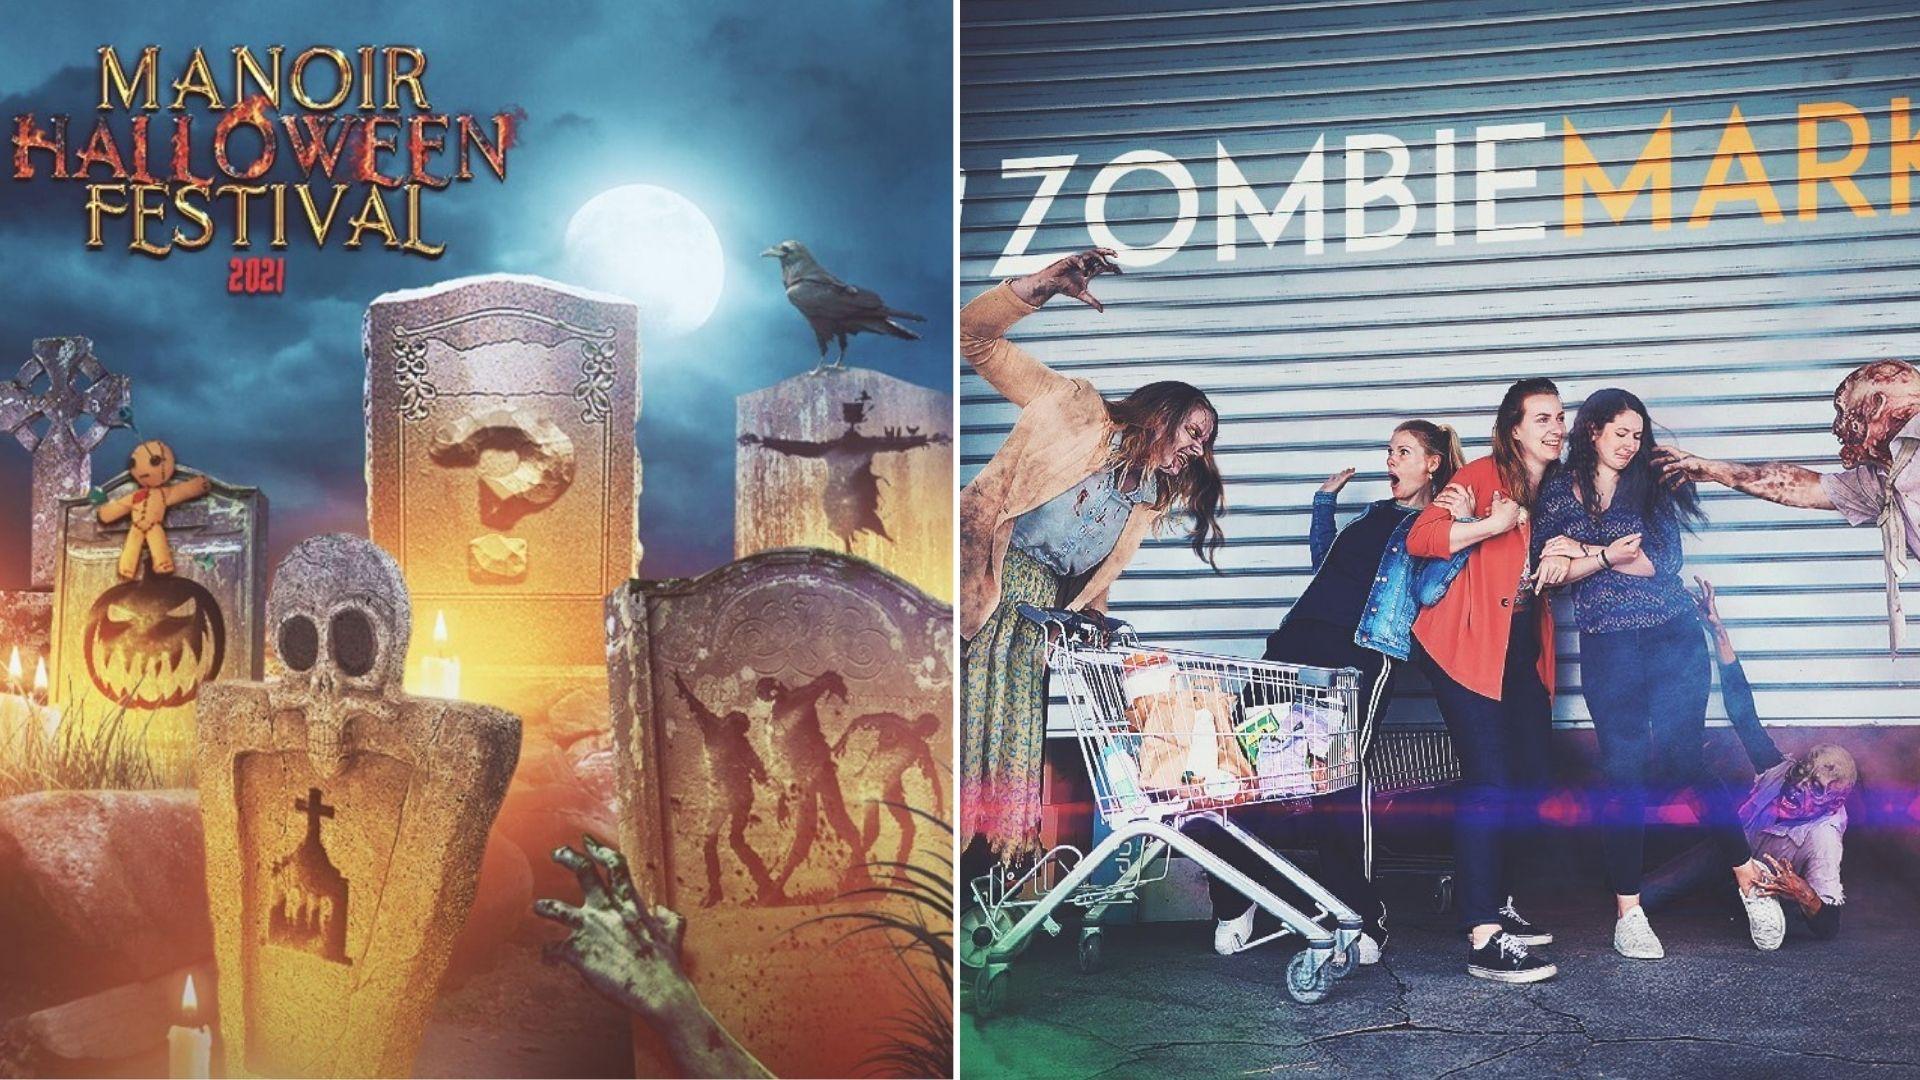 manoir halloween festival paris villette zombie run maison hantée